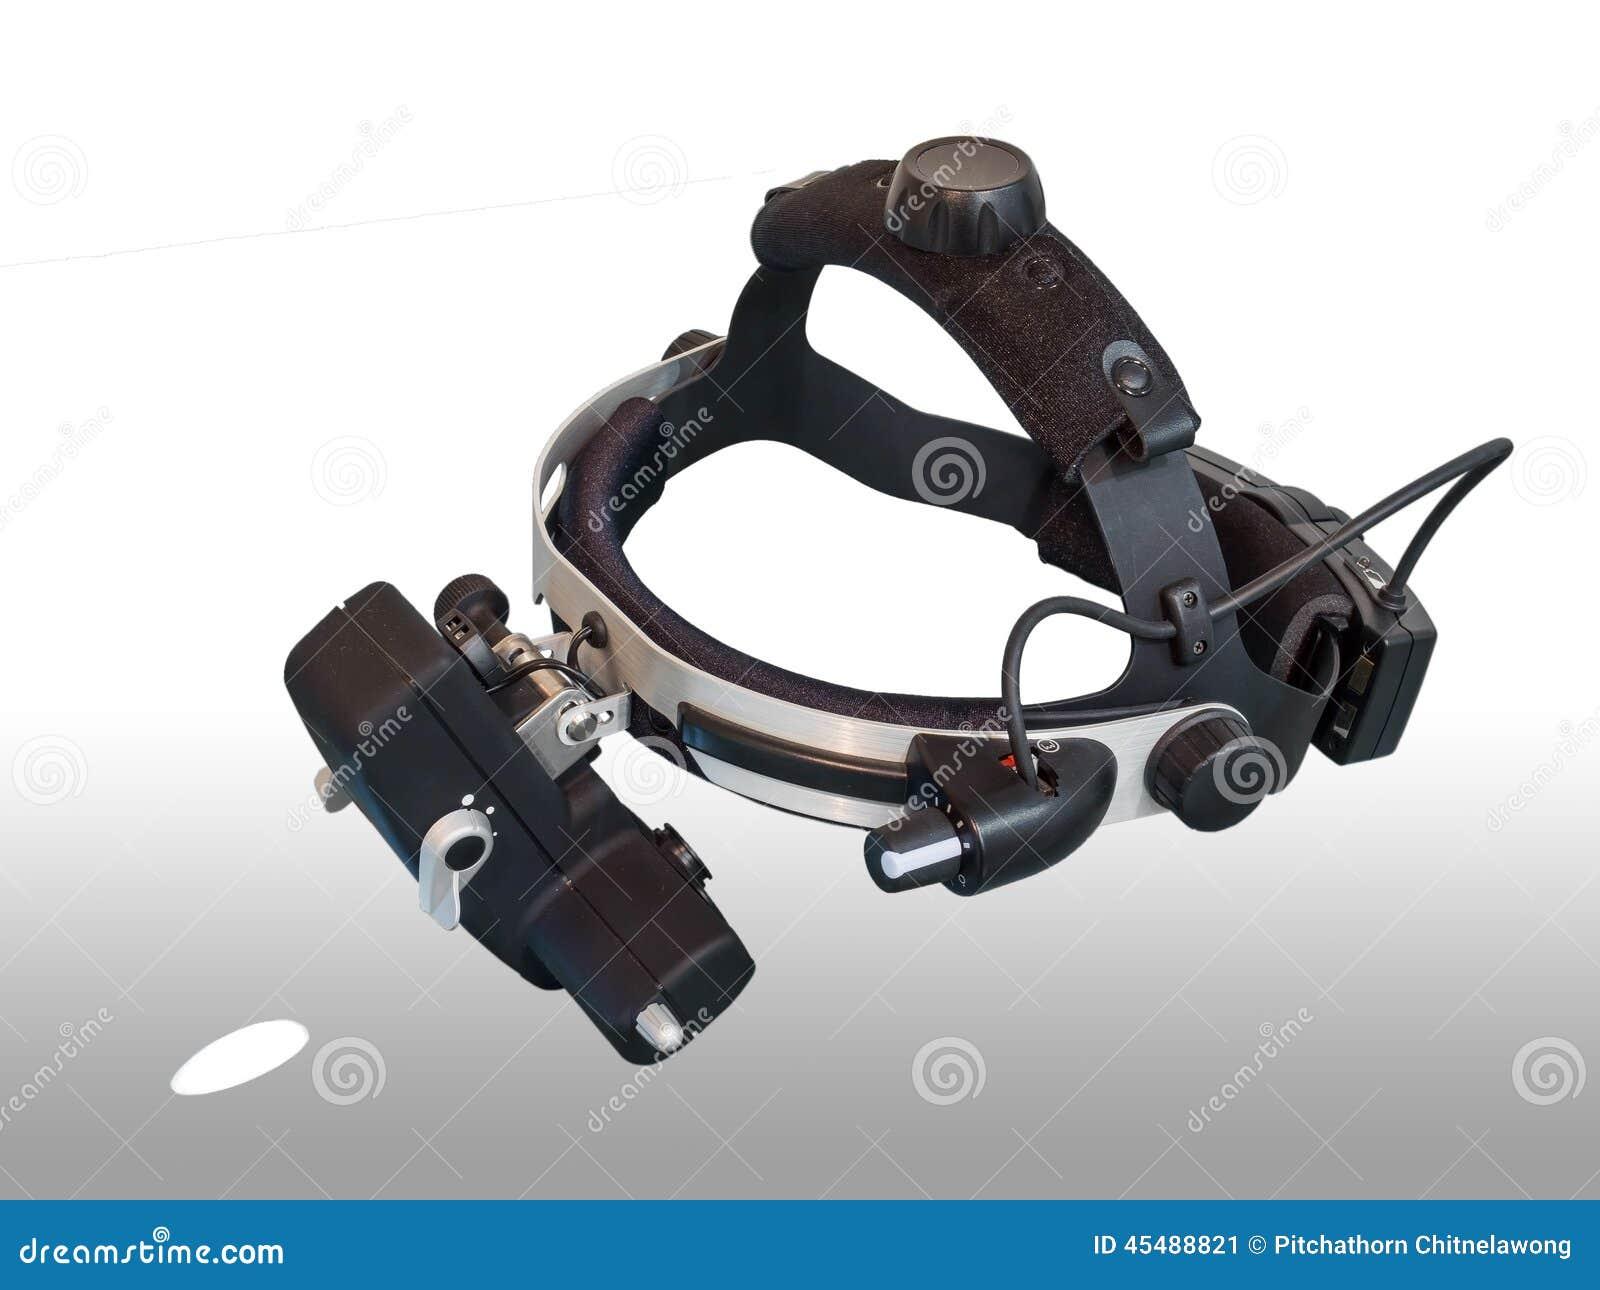 间接检眼计是为眼睛检查的仪器